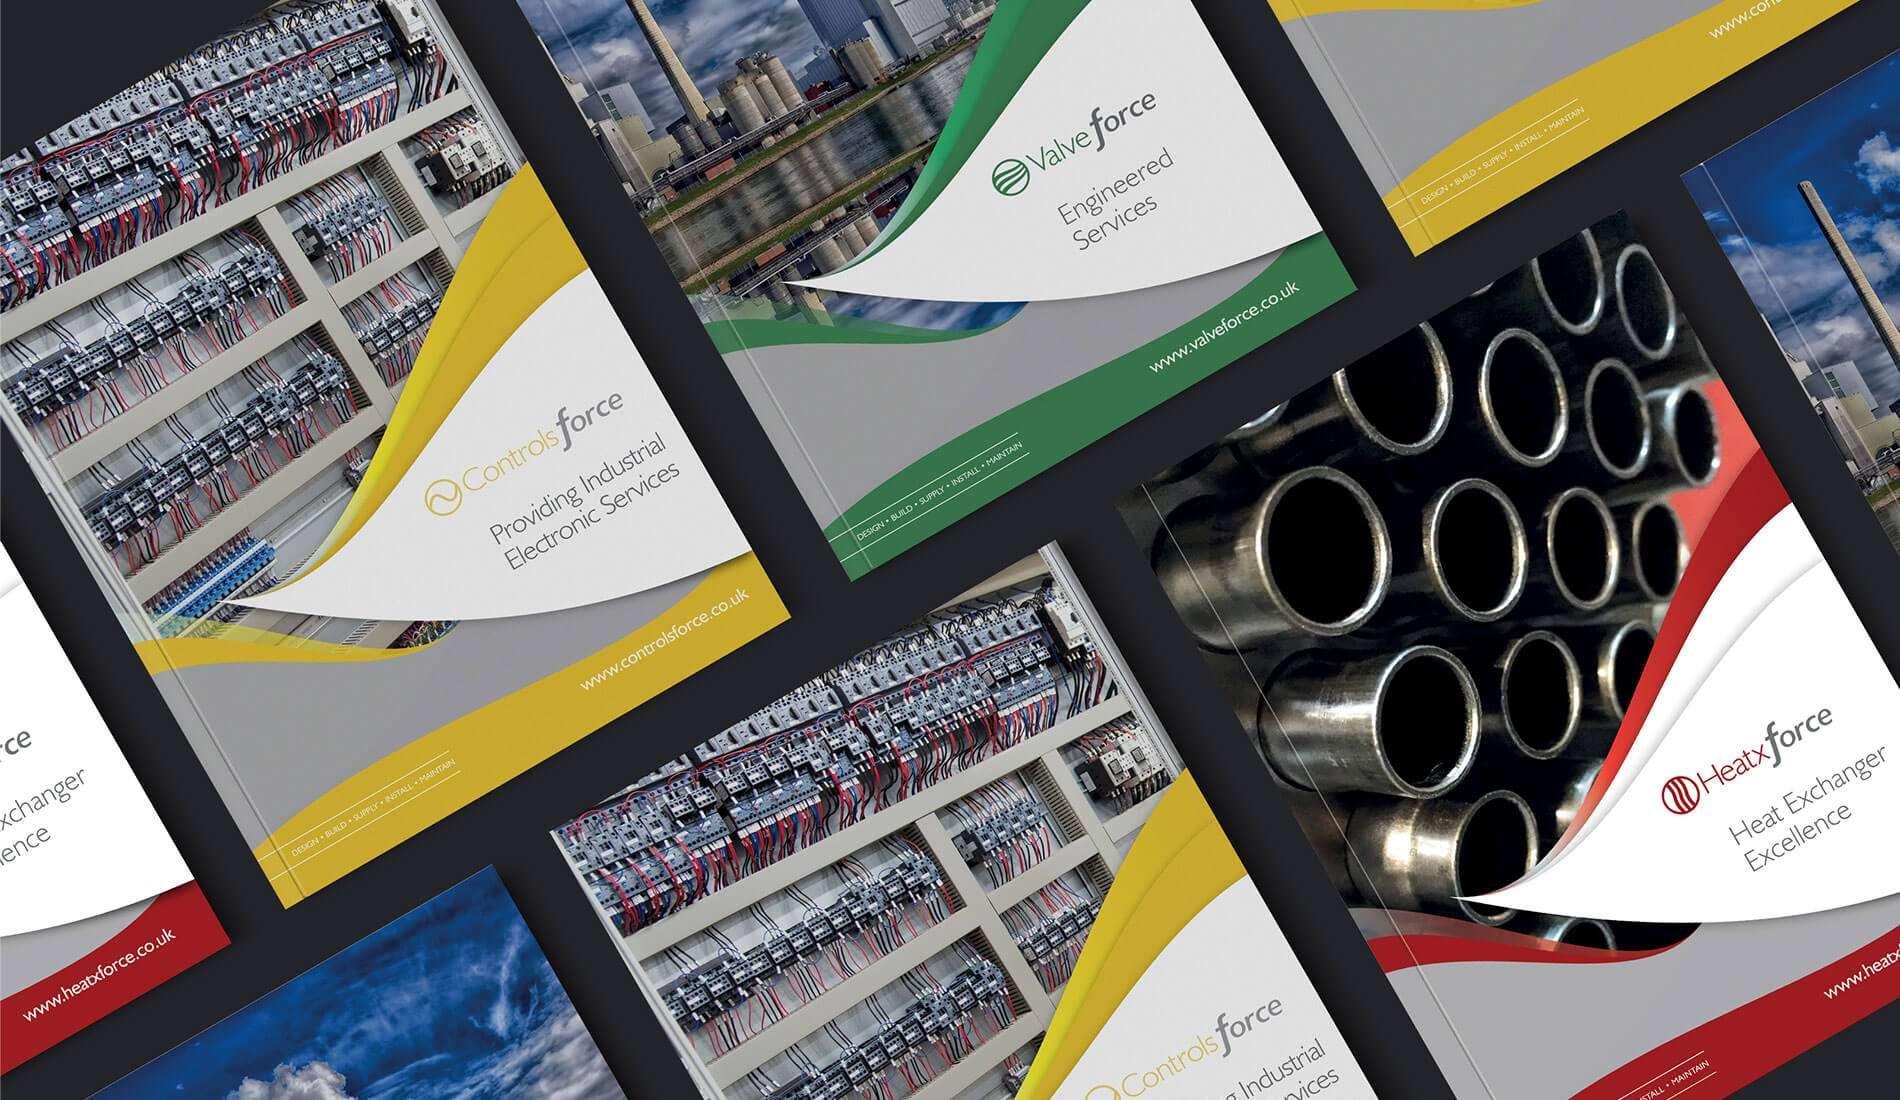 Valve force printed publication design